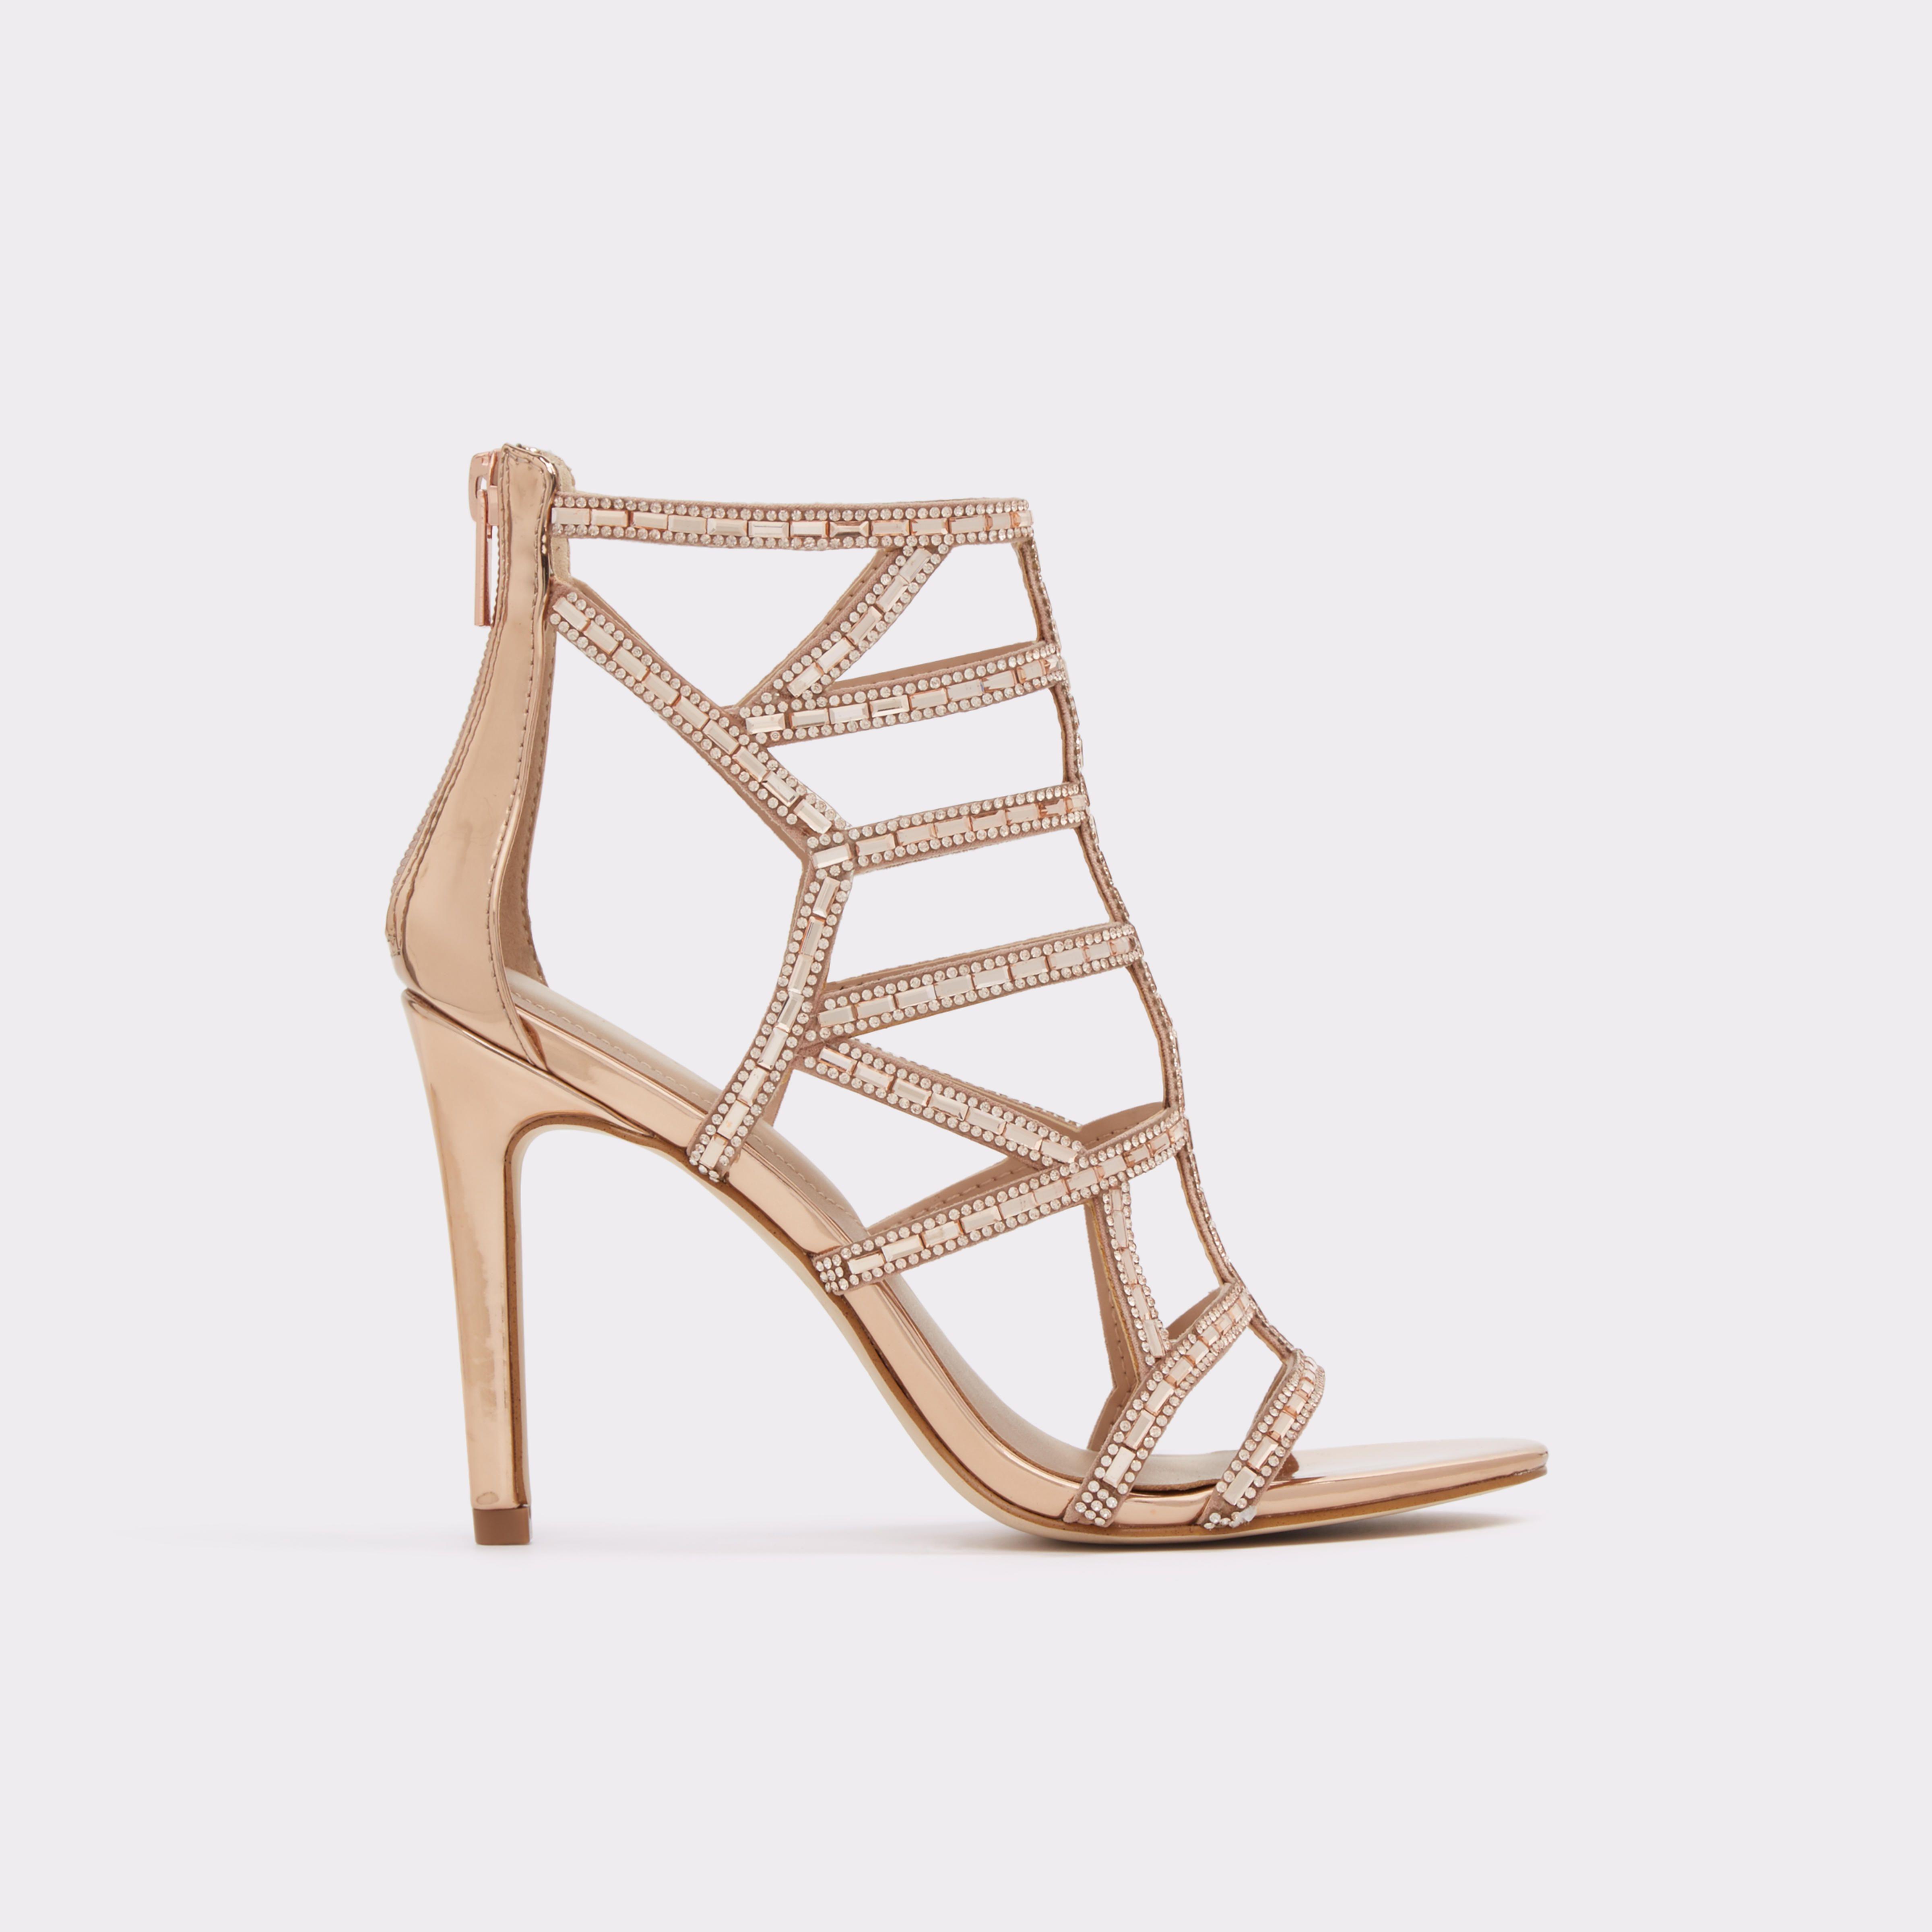 82a634388d0 Norta  Metallic Misc. Women s Open-toe heels